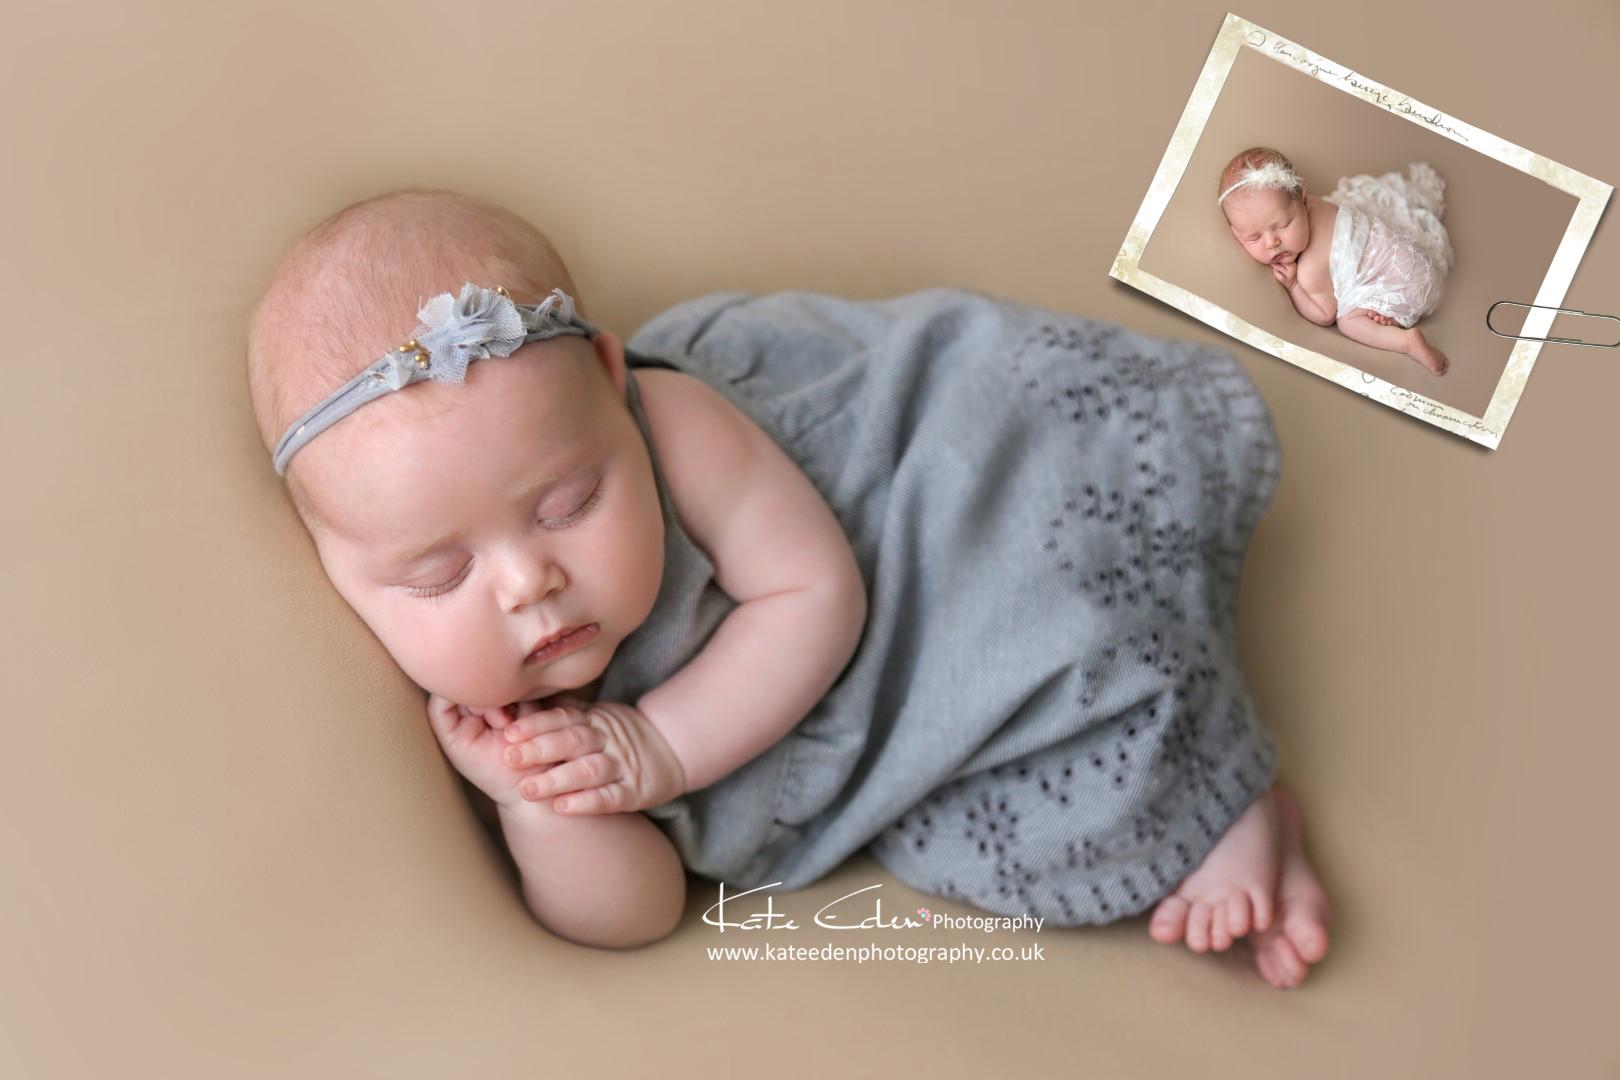 Newborn versus 2 months old baby - Aberdeen newborn photographer